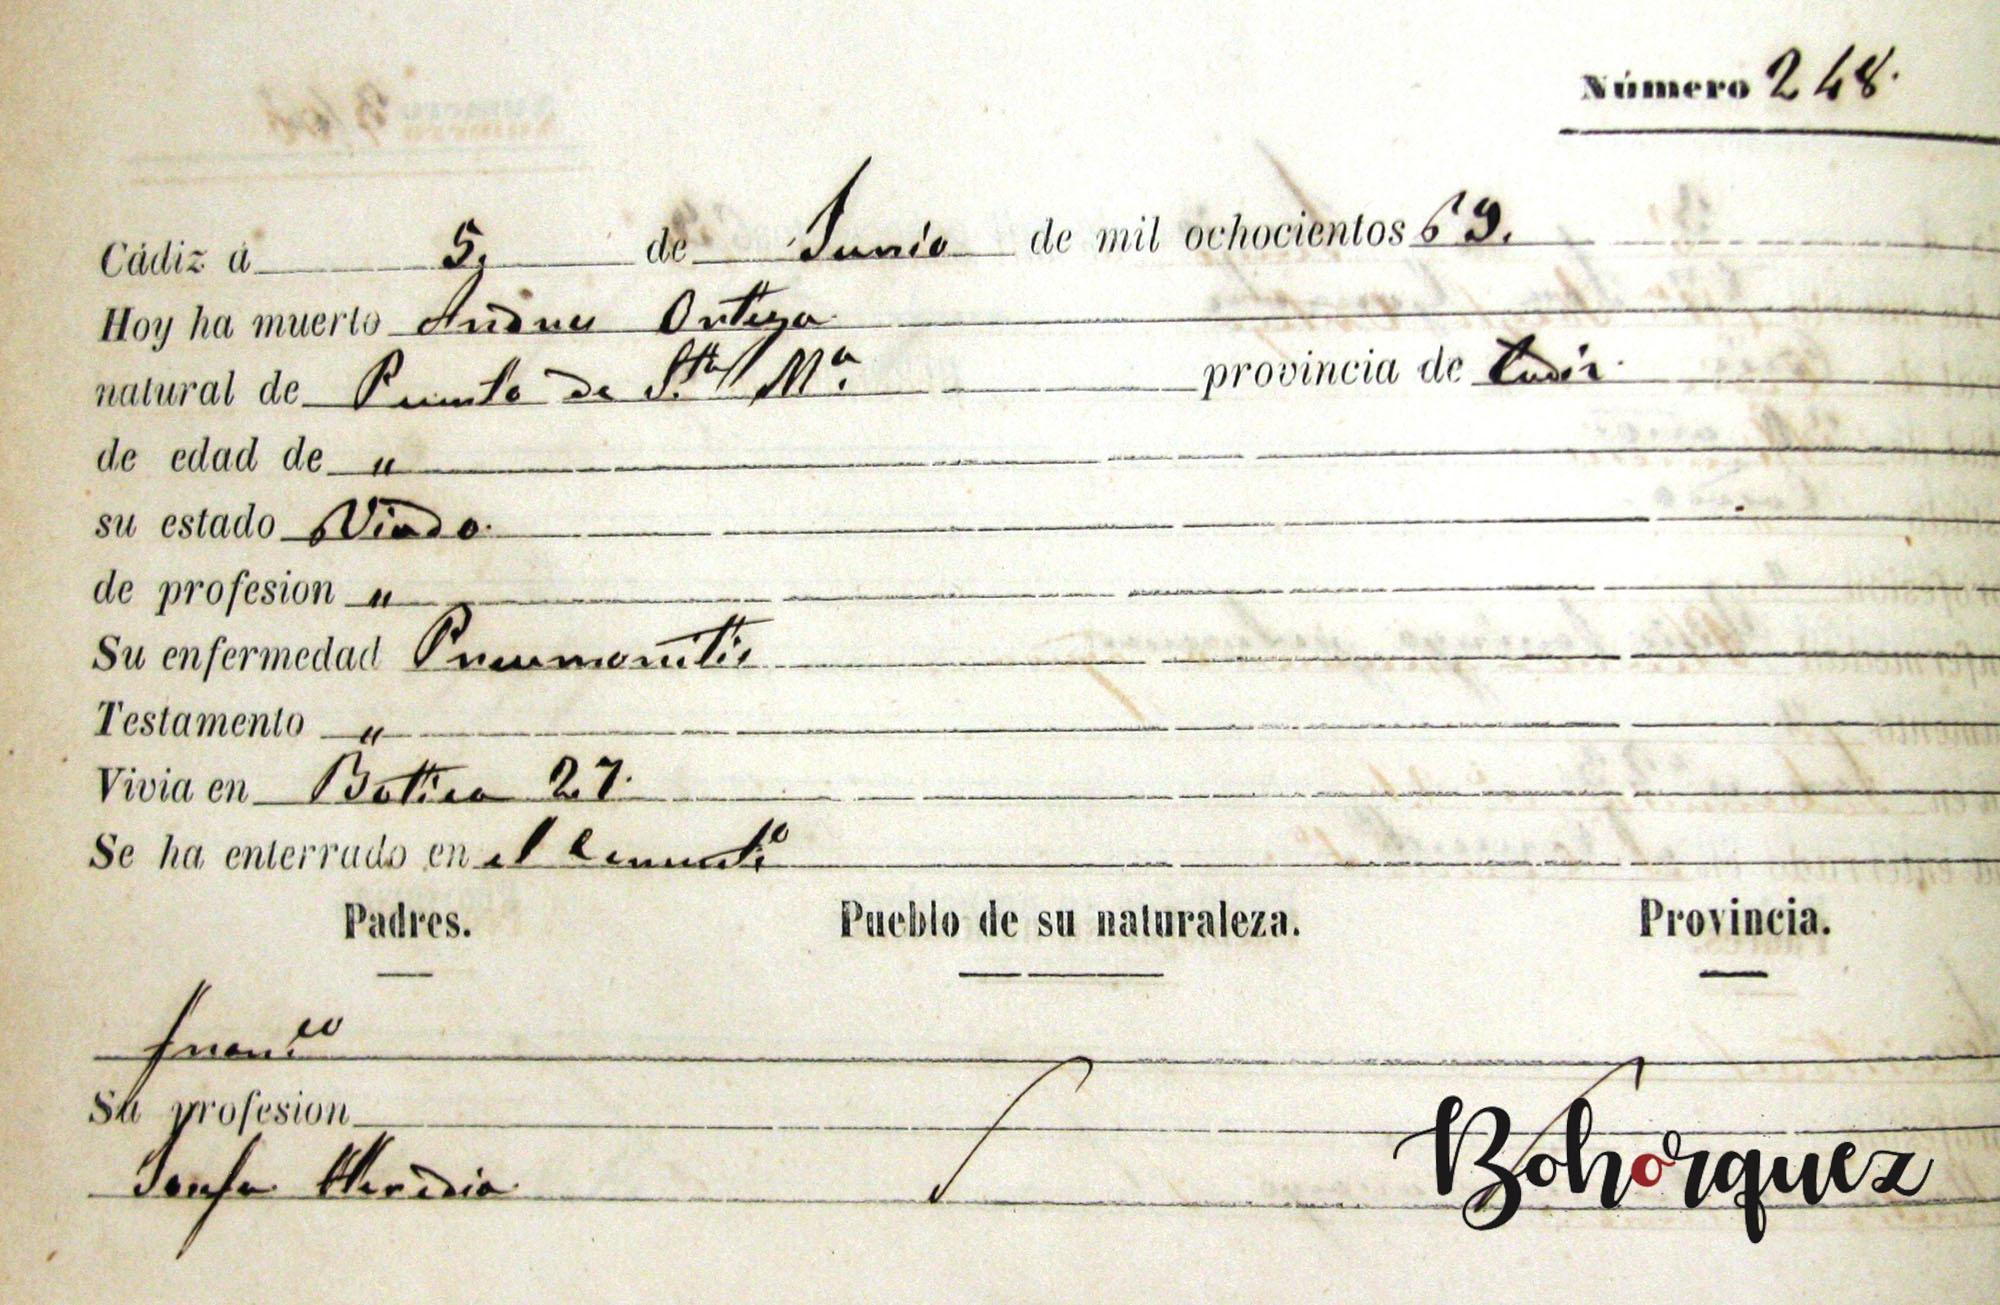 Muerte en Cádiz de Andrés Ortega Heredia, hermano de Antonio el Fillo y padre de Tomás el Nitri. Archivo Bohórquez.